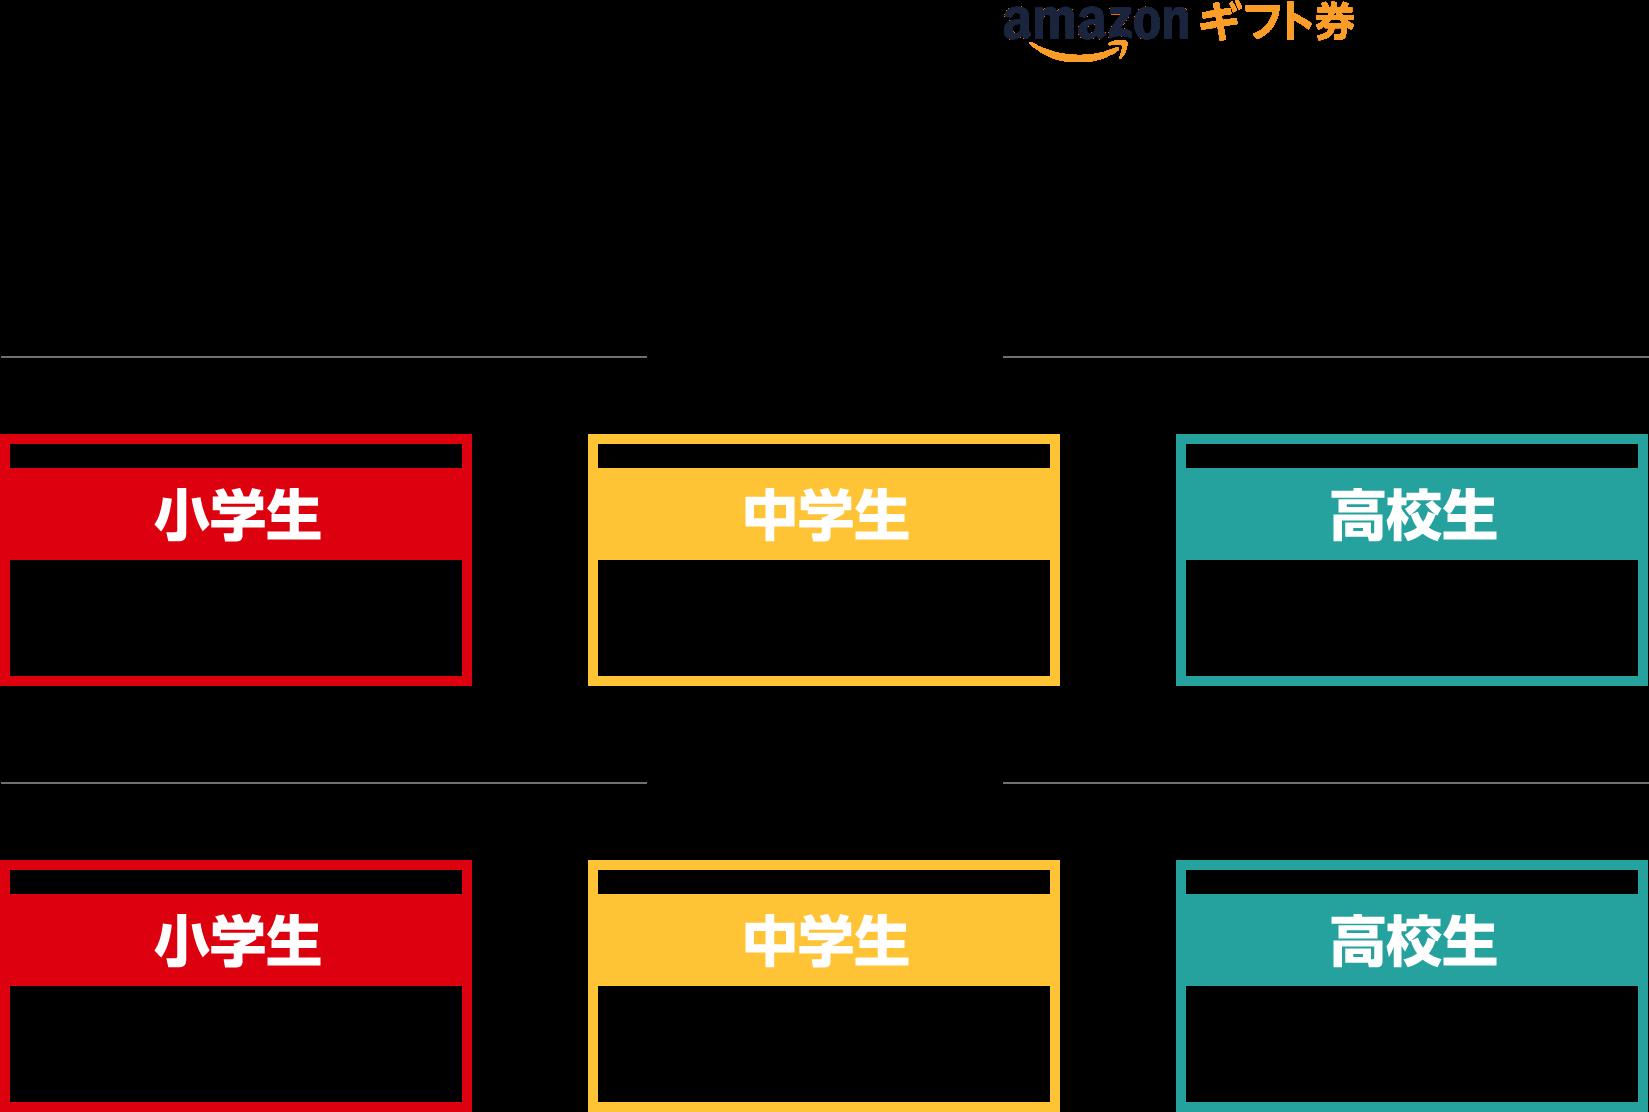 賞状とAmazon ギフト券 優勝20,000円分/準優勝10,000円分